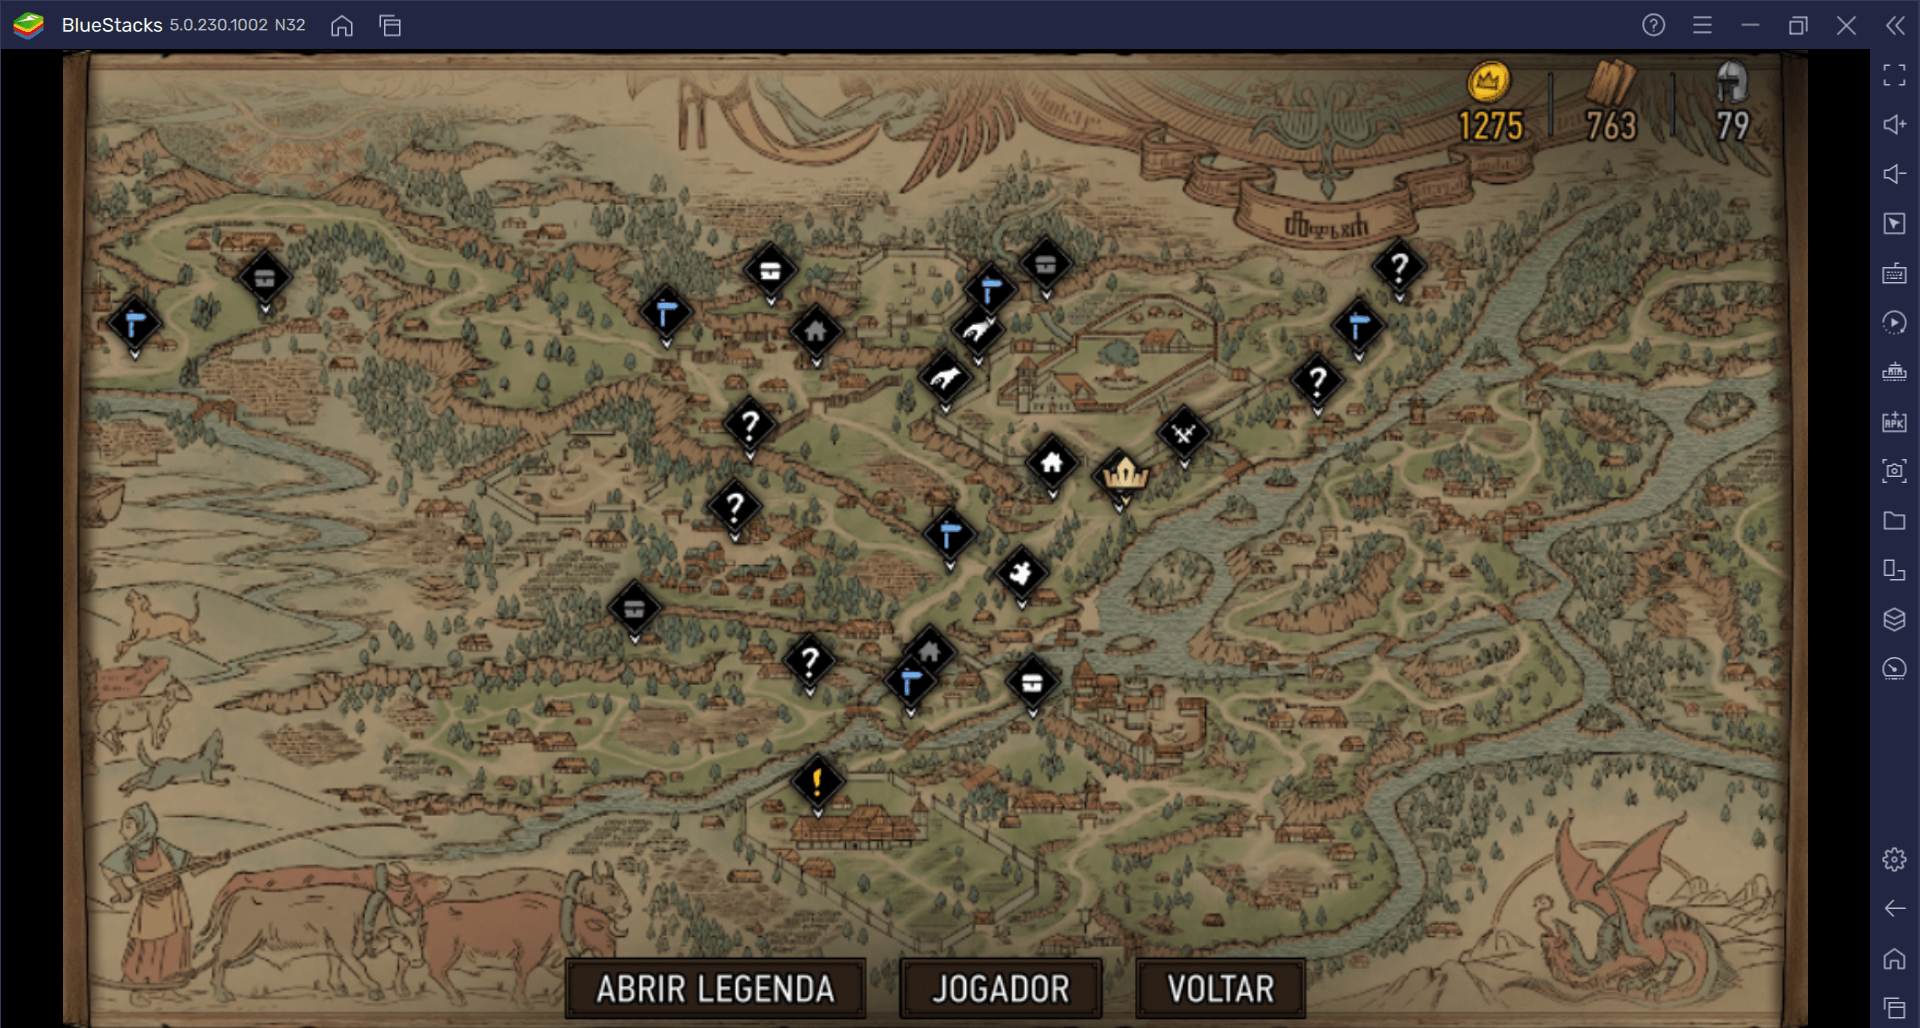 Entenda o sistema de combate de The Witcher Tales: Thronebreaker e crie decks poderosos